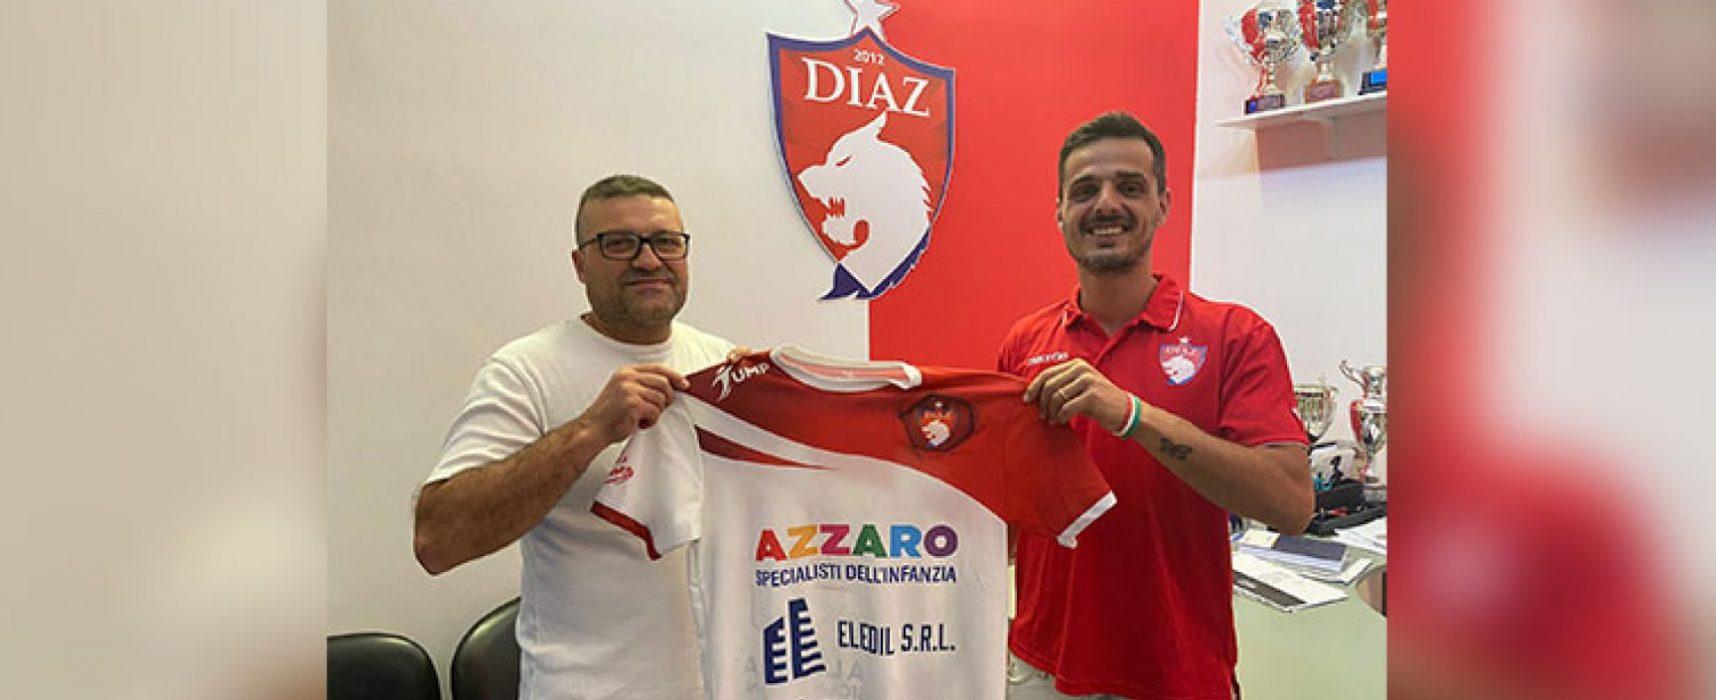 Mauro Caggianelli torna a vestire la maglia della Diaz